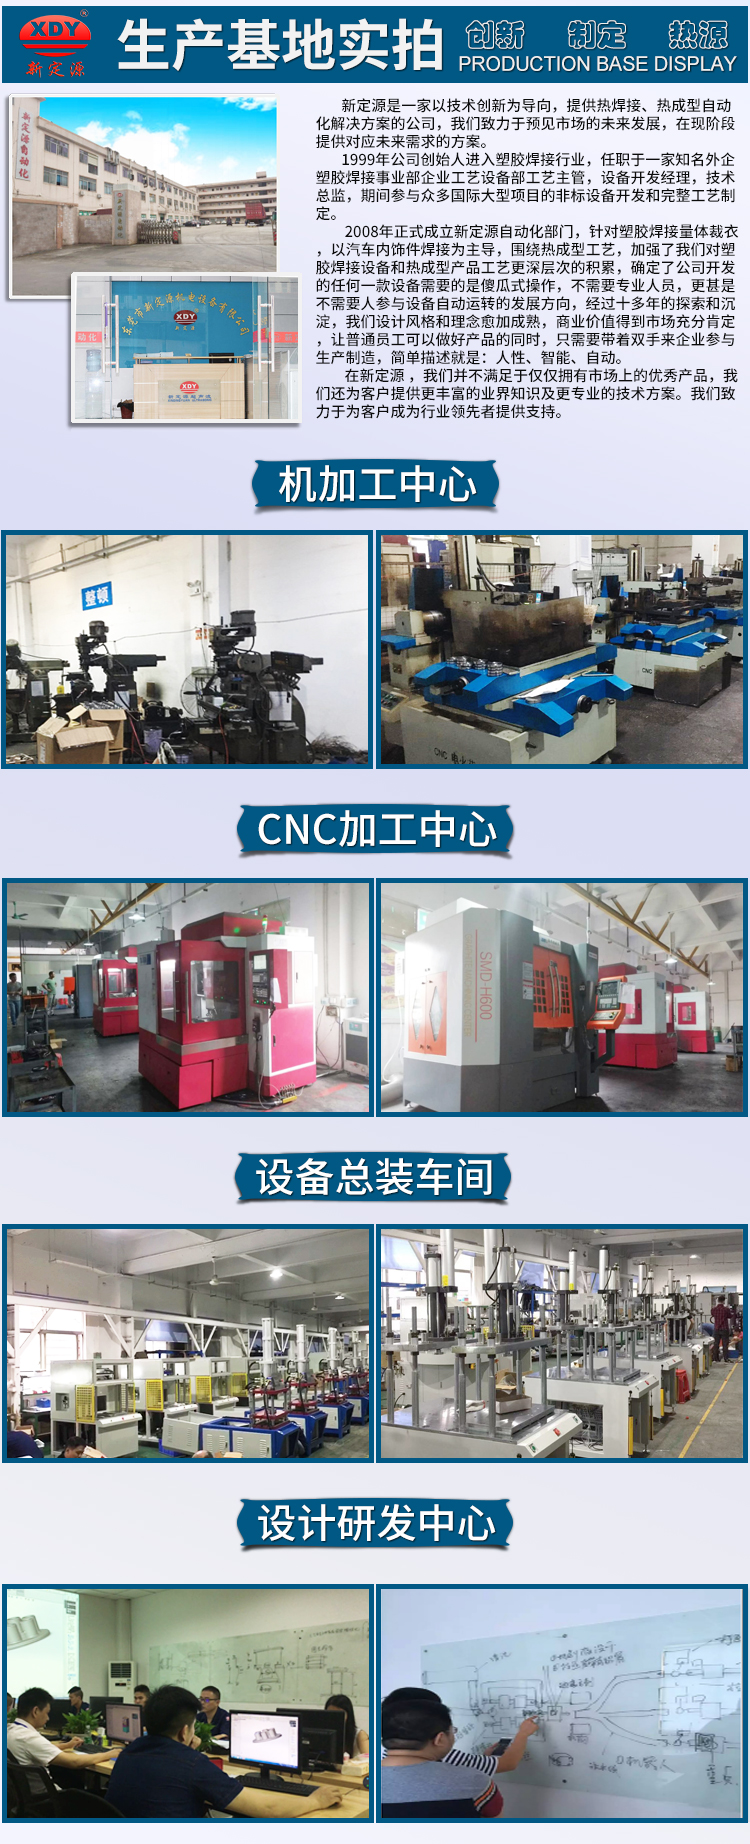 工廠生產展示.jpg